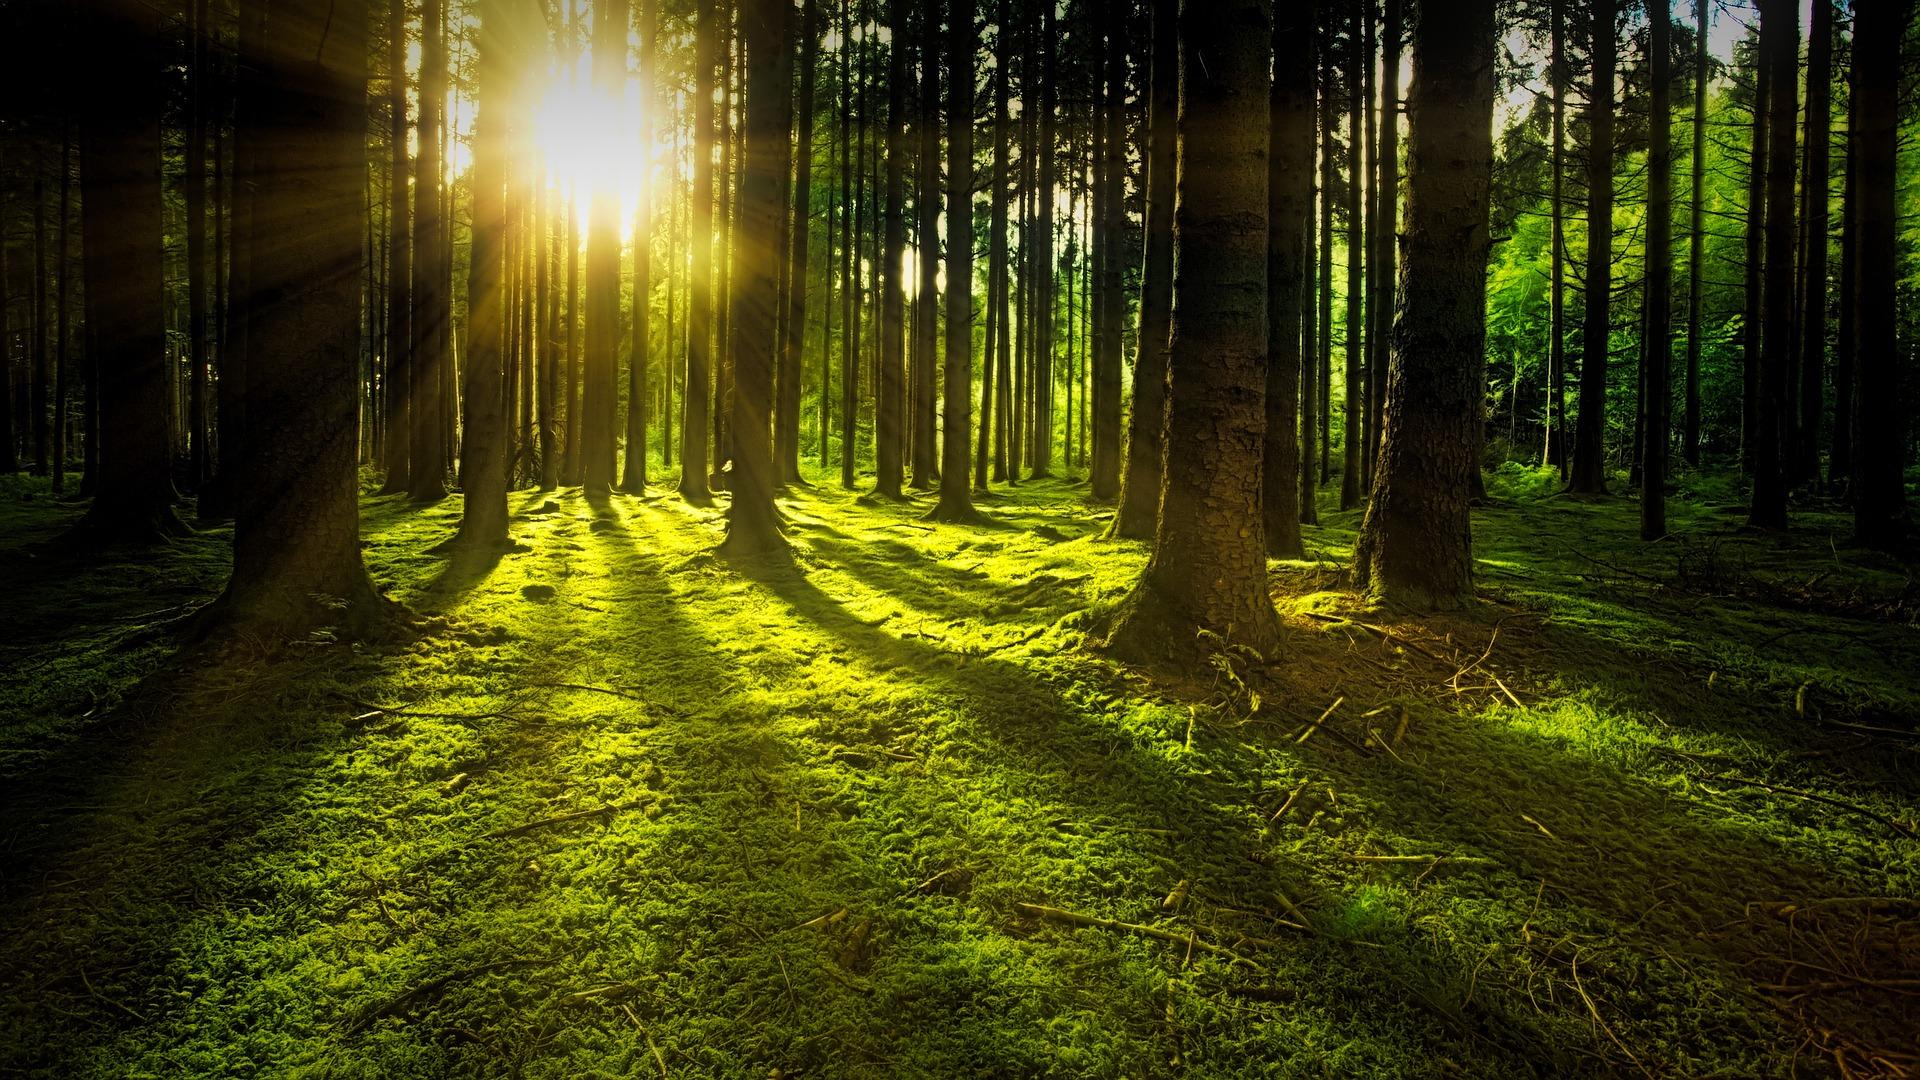 zon schijnt door bomen op het mos op de grond